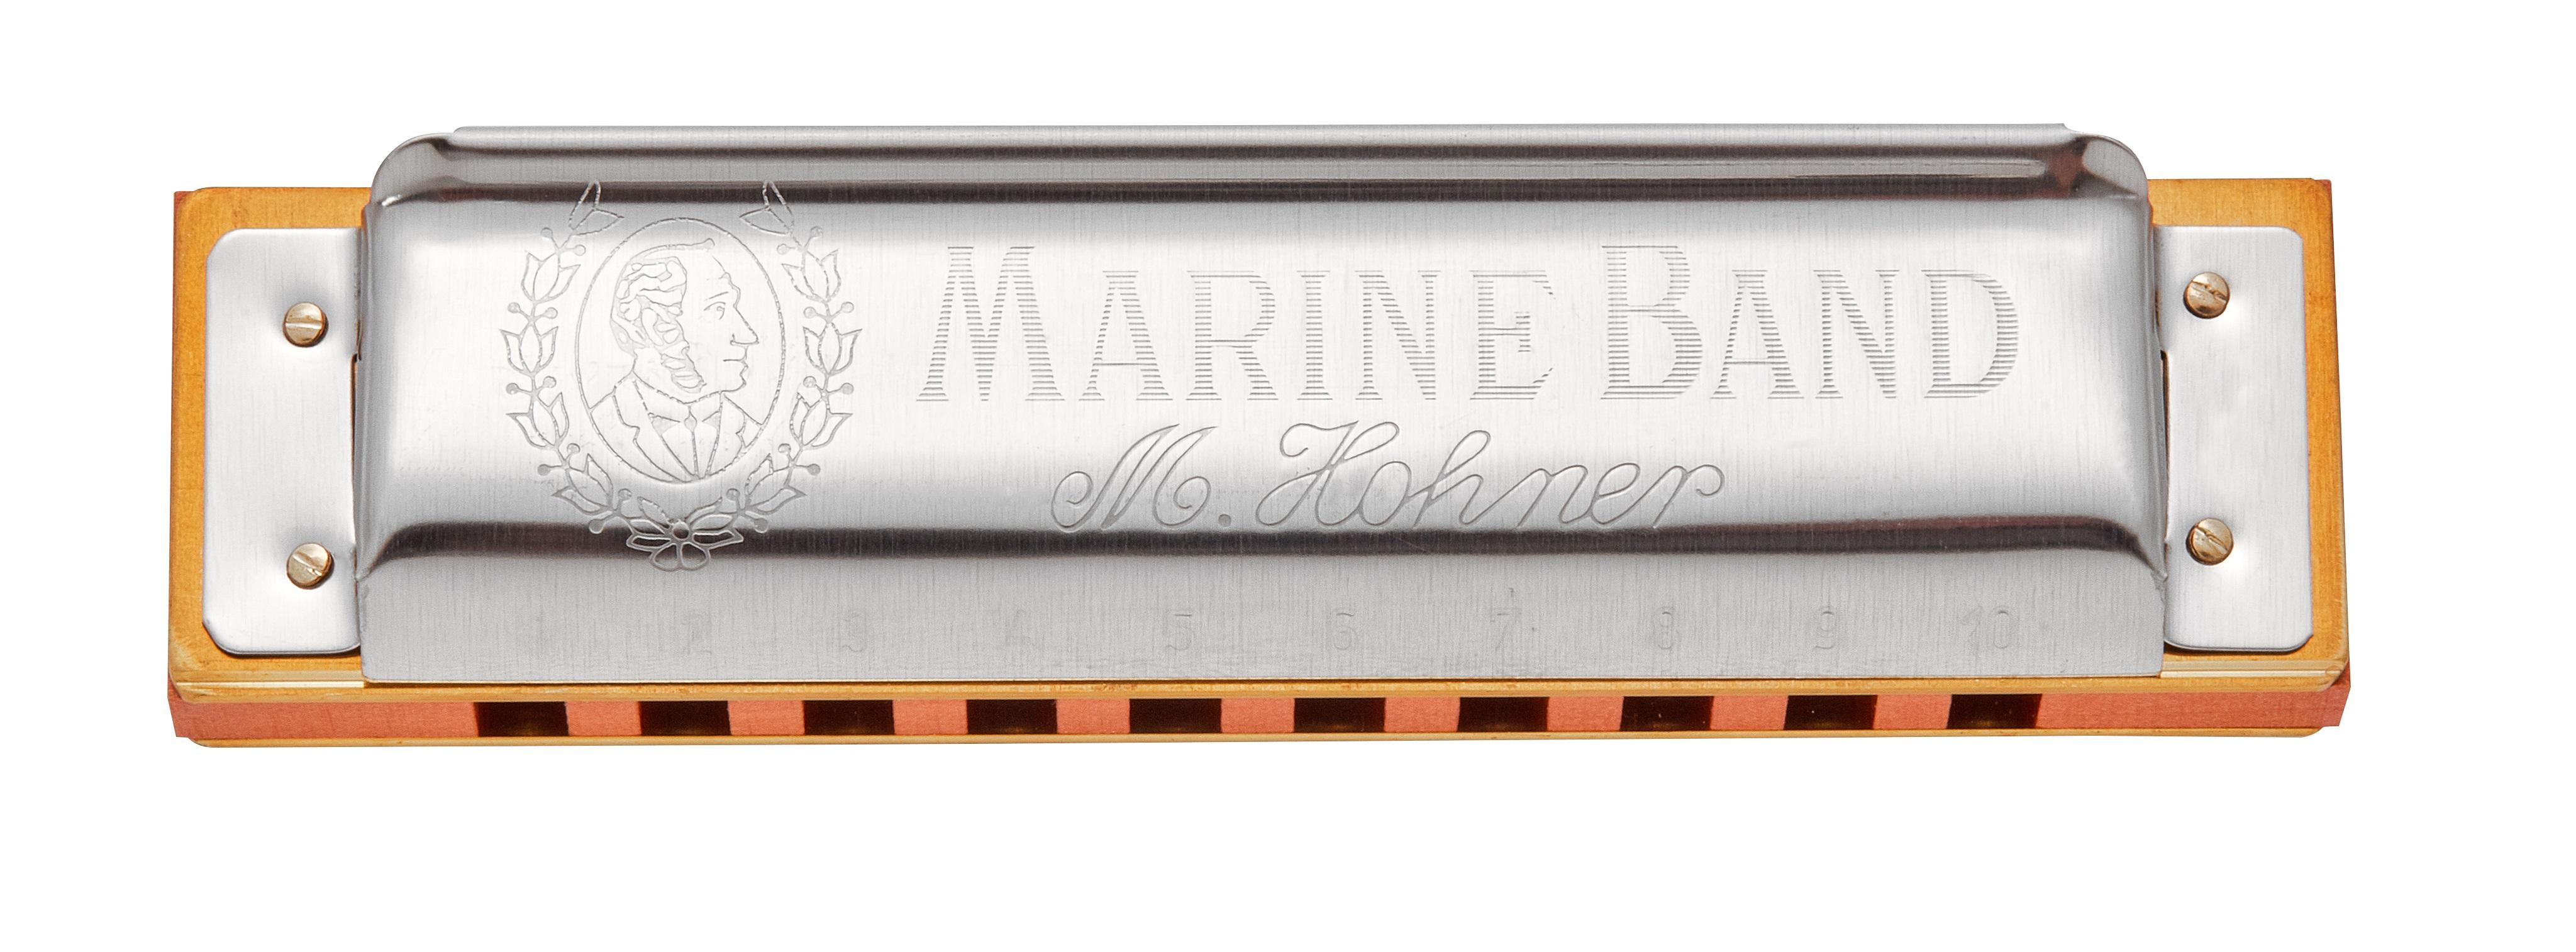 Hohner Marine Band 1896 Bb-harmonic minor